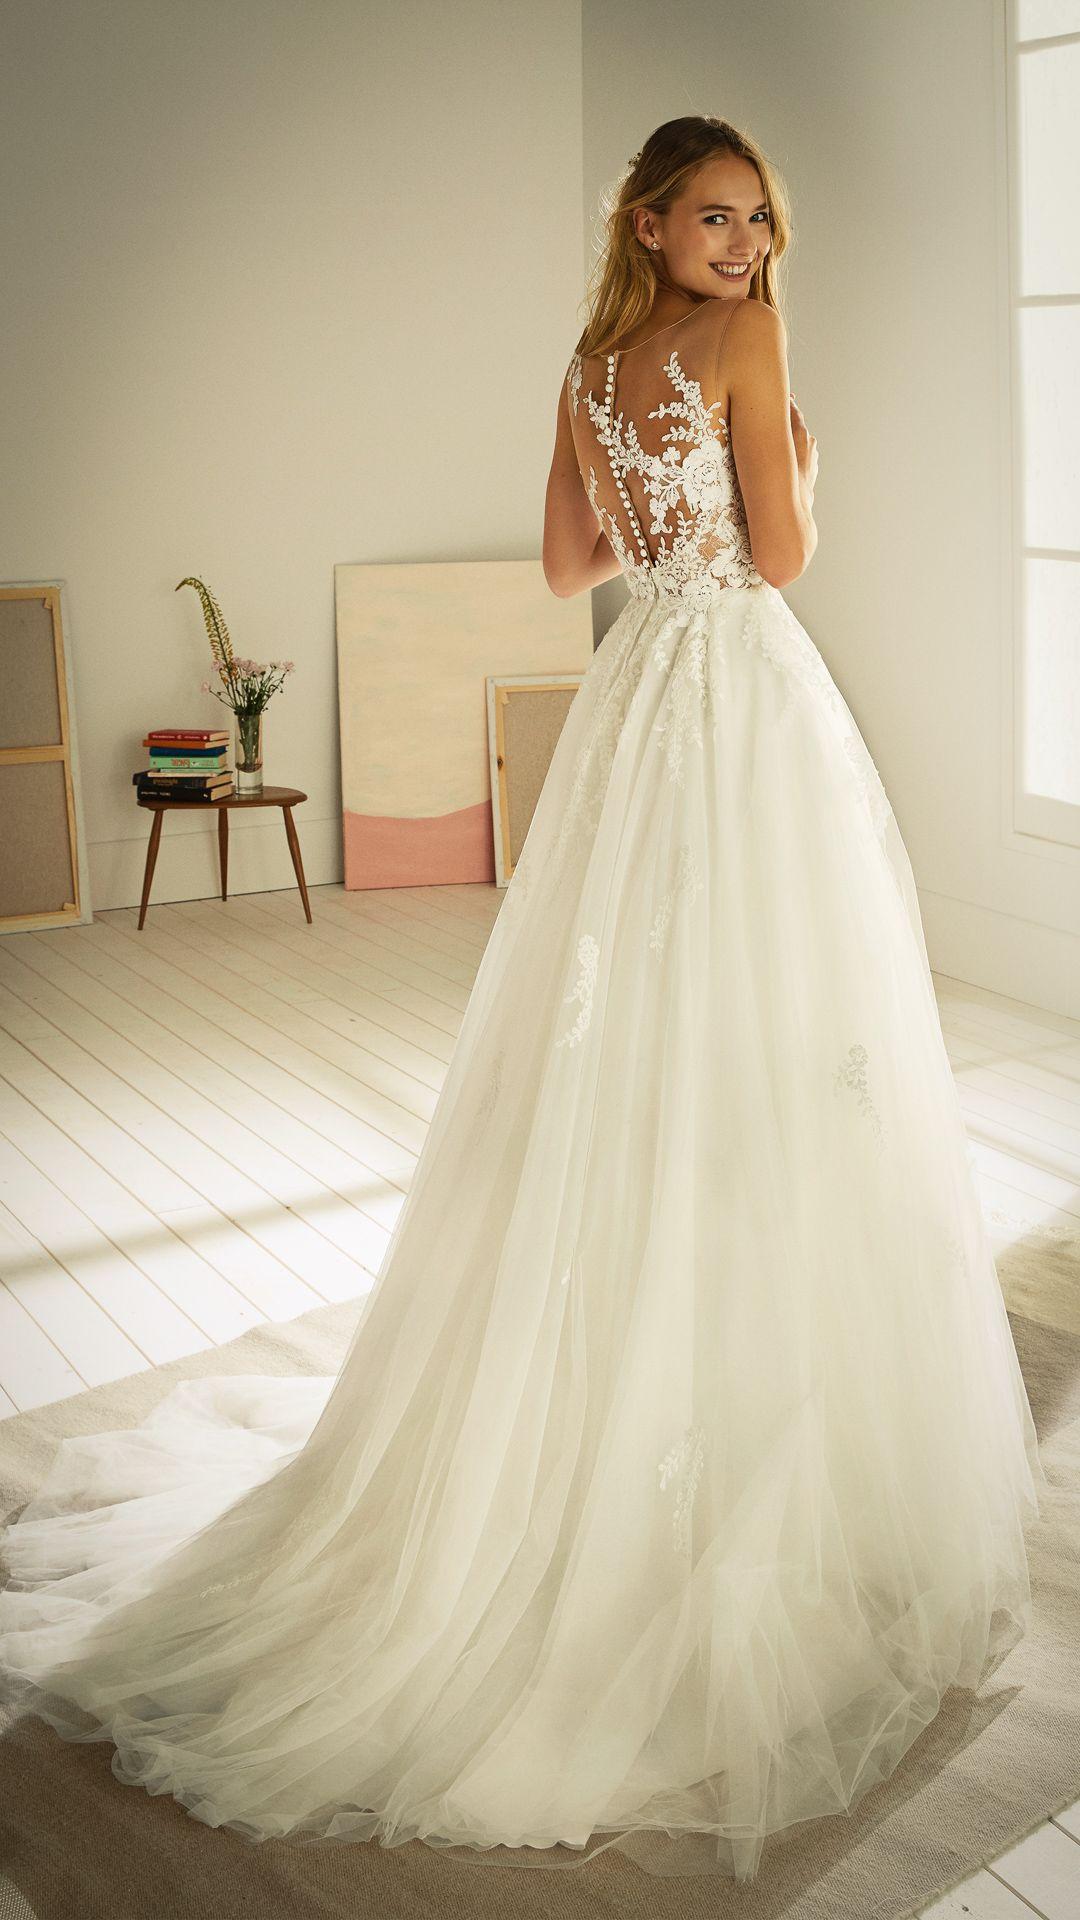 Hochzeitskleider 200 White One Kollektion Modell: OROPESA-C-20